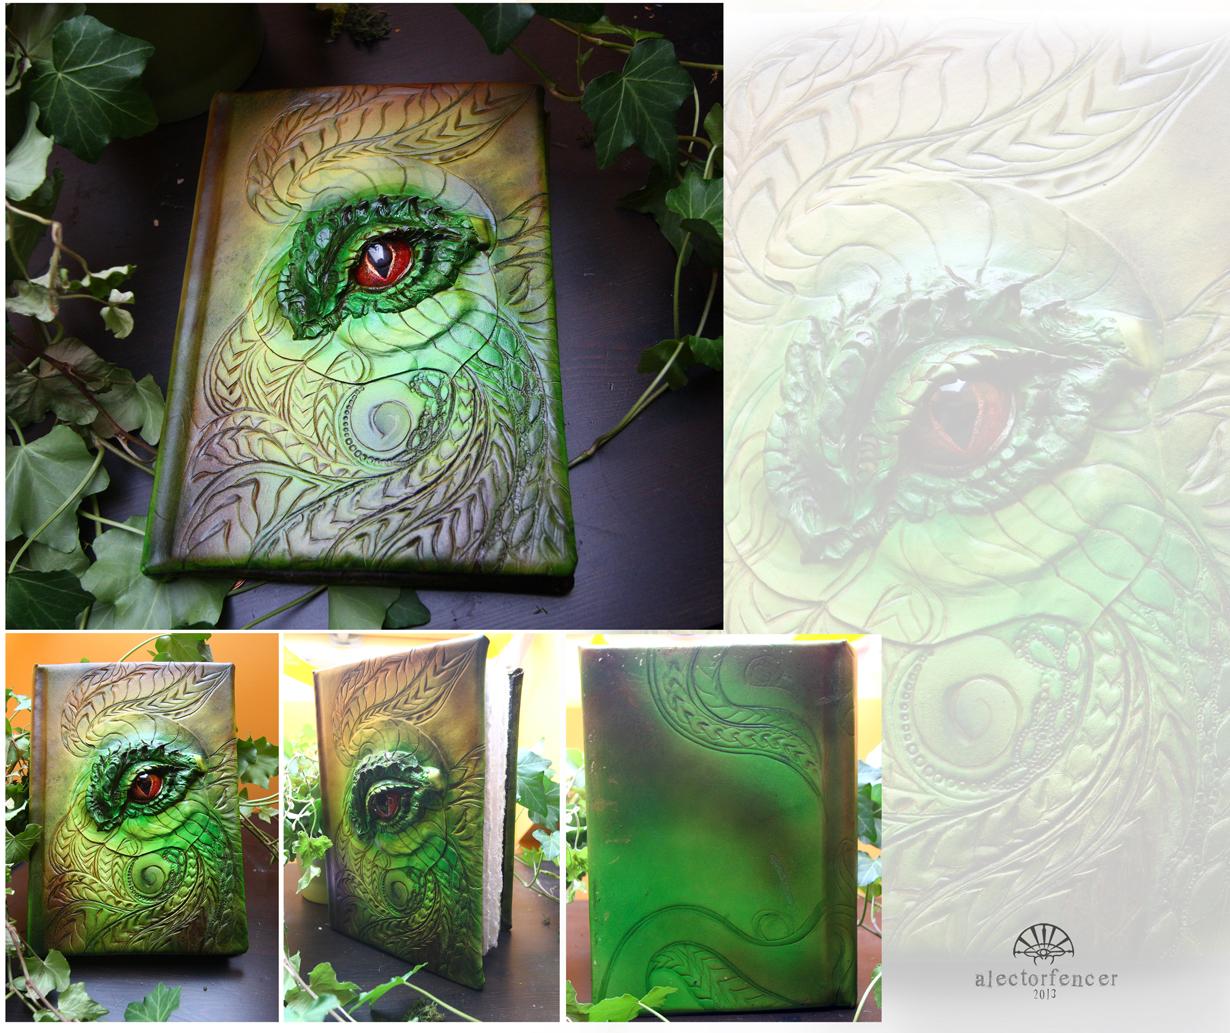 Dragon Book by AlectorFencer